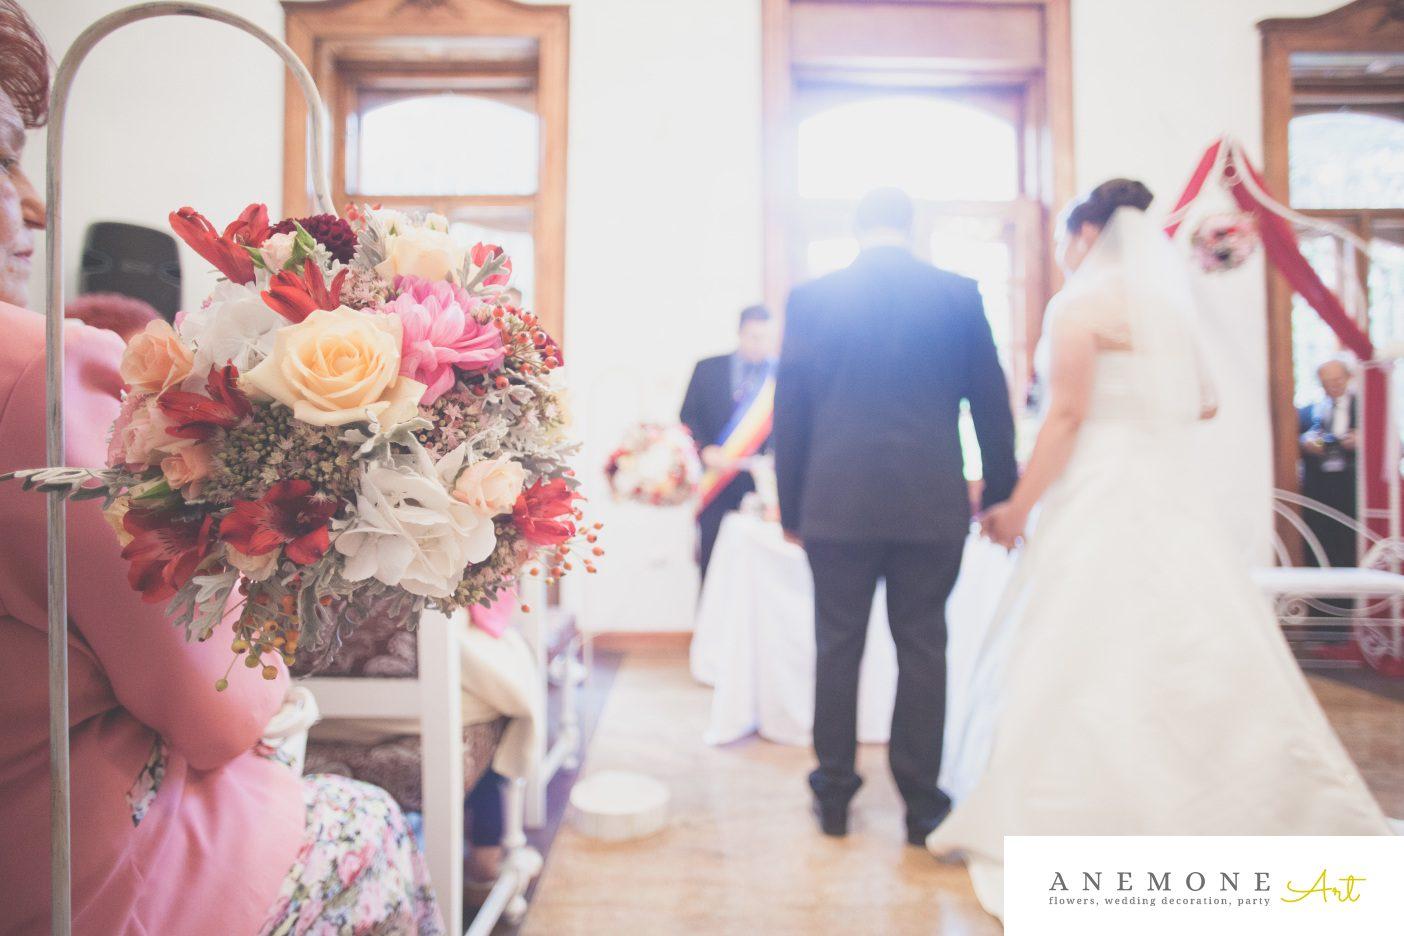 Poza, foto cu Flori de nunta bordo, decor biserica, decor sala, glob, rosu in Arad, Timisoara, Oradea (wedding flowers, bouquets) nunta Arad, Timisoara, Oradea